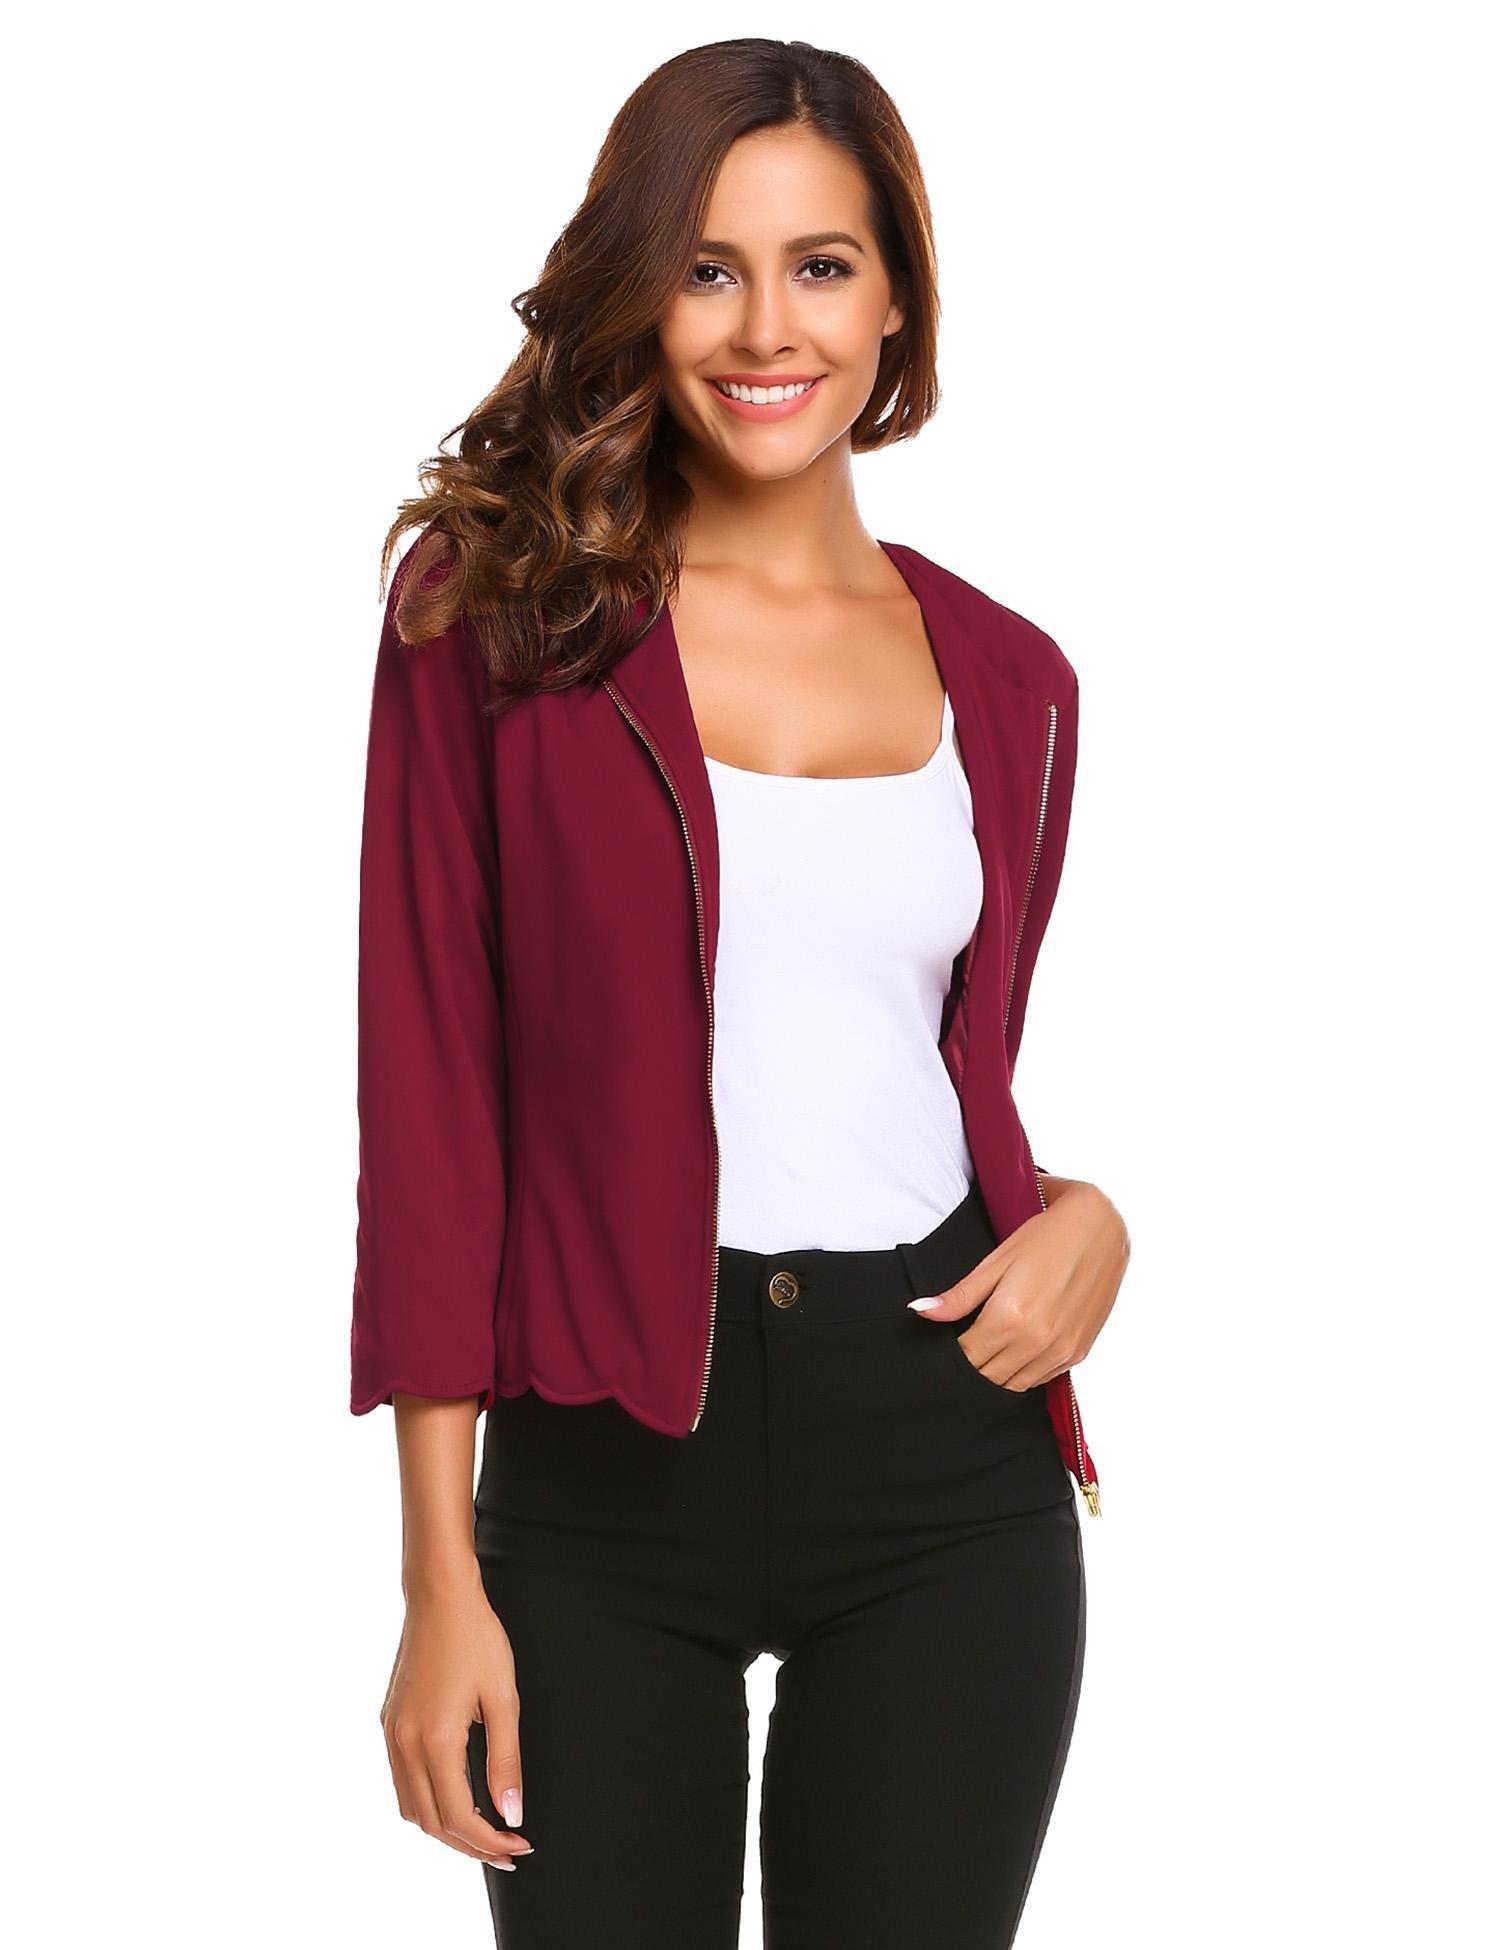 etuoji Women Short Red Suit Jacket Coat Zip up Wave Hem Elegant Blazer Top